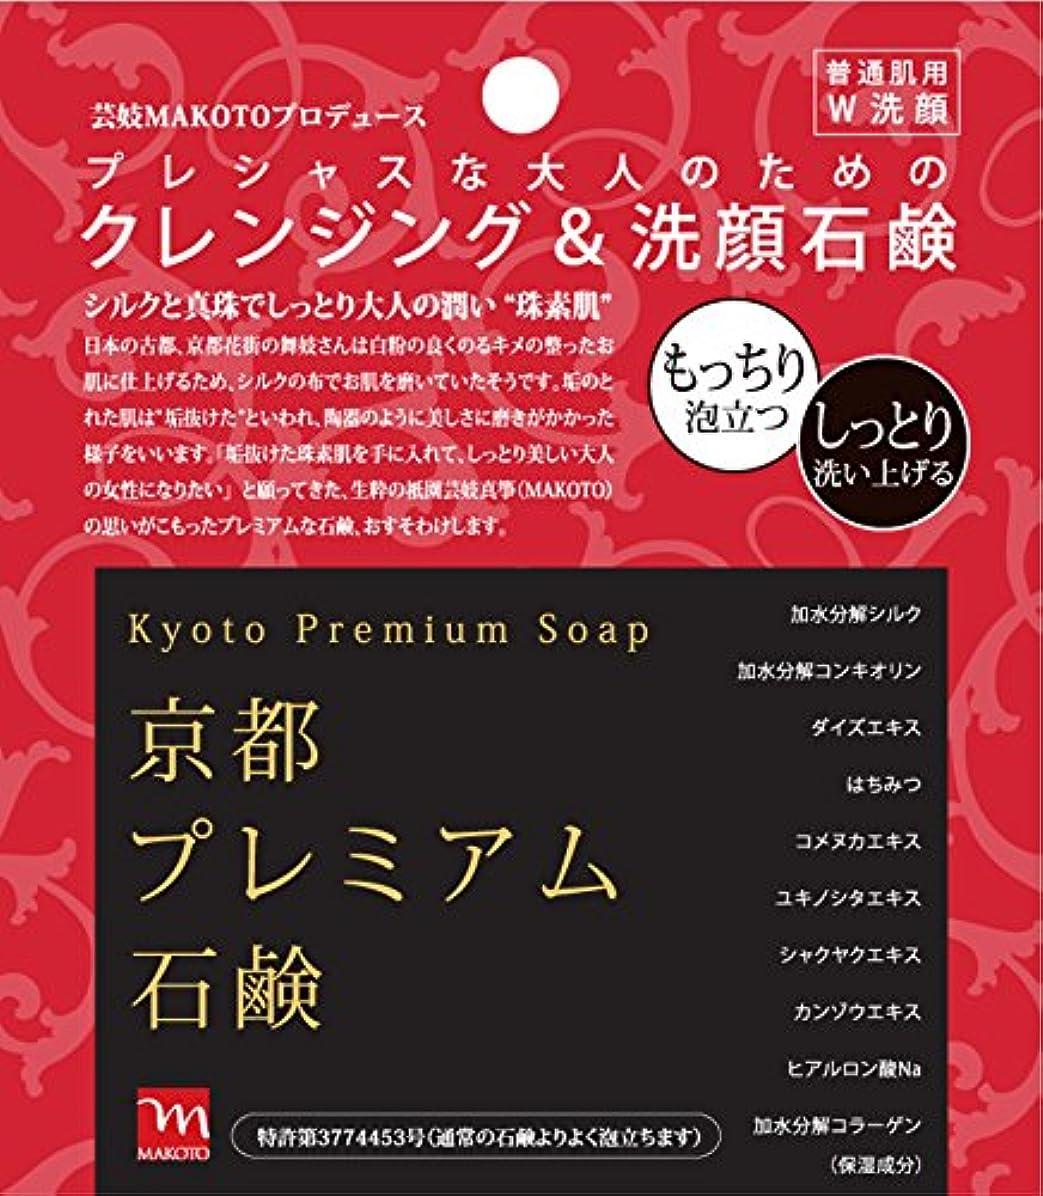 エレメンタル今後トリム京都プレミアム石鹸 クレンジング&洗顔石鹸 しっとり もっちり 芸妓さん監修